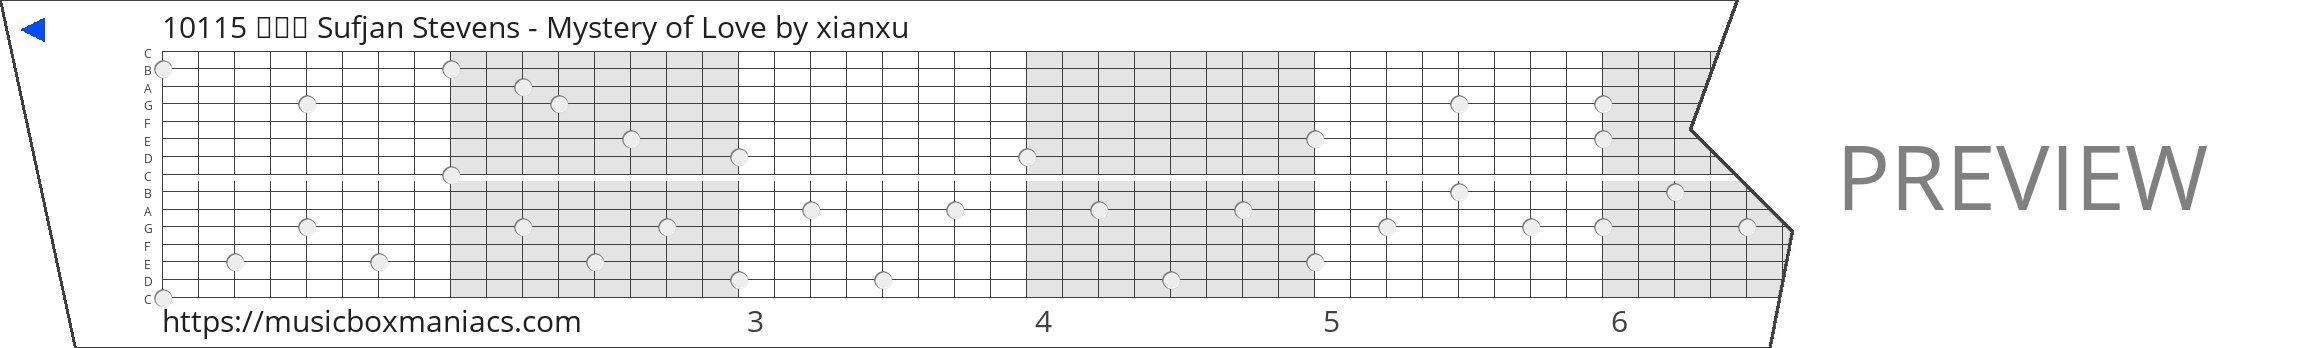 10115 조현서 Sufjan Stevens - Mystery of Love 15 note music box paper strip